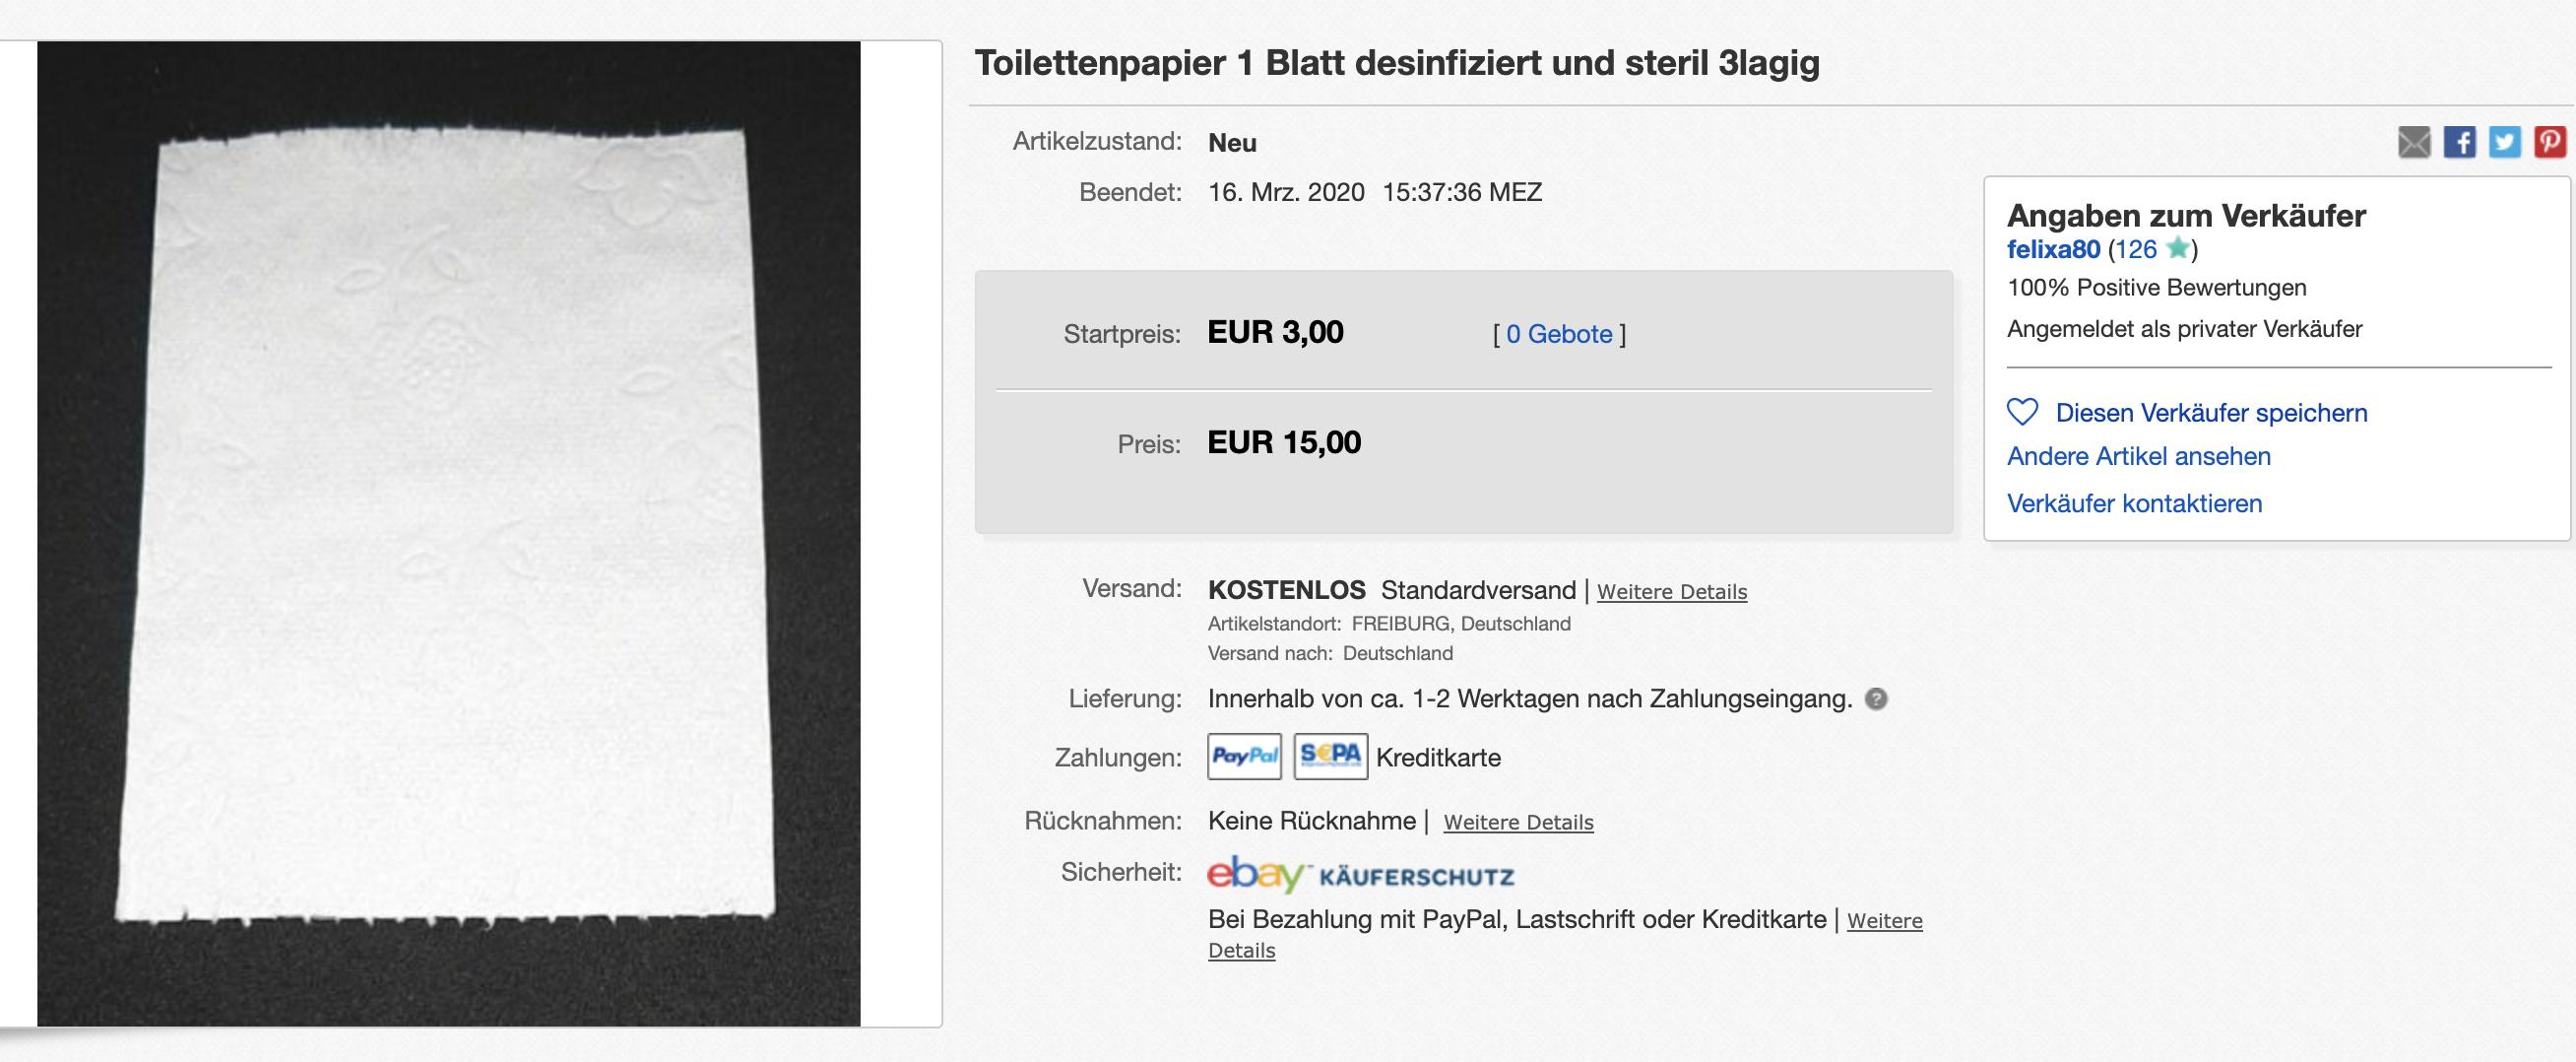 Quelle: Ebay Kleinanzeigen (Screenshot / 19.03.20.)